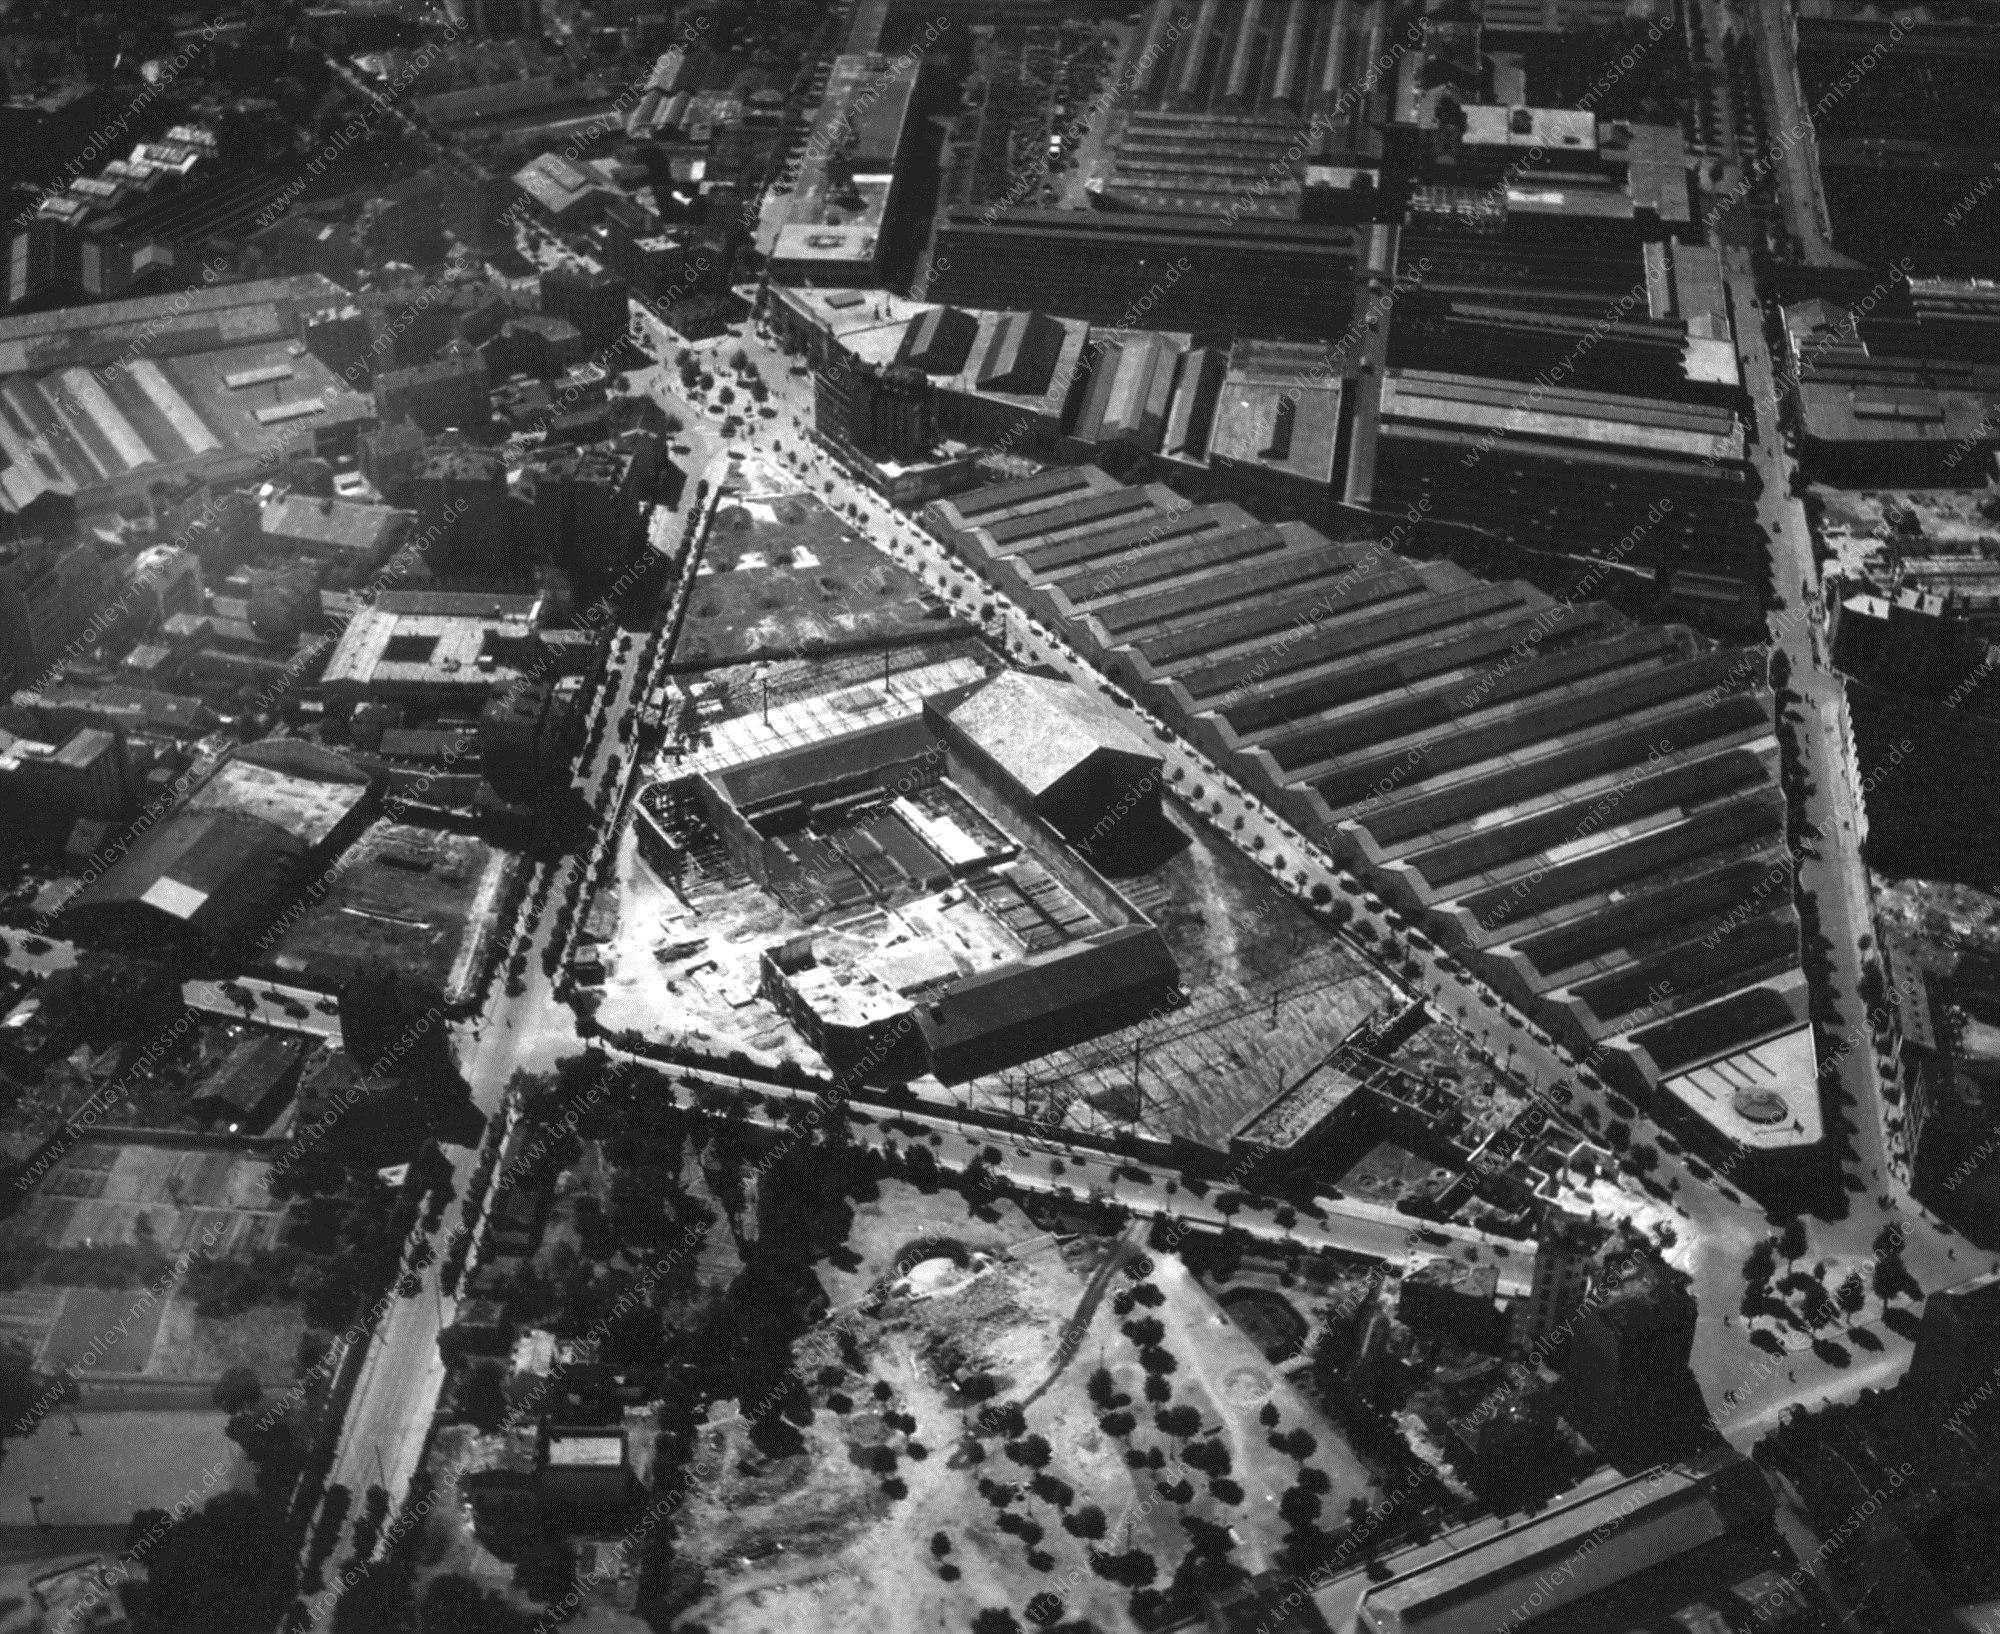 Photographie aérienne des vastes usines du constructeur automobile Renault en Boulogne-Billancourt